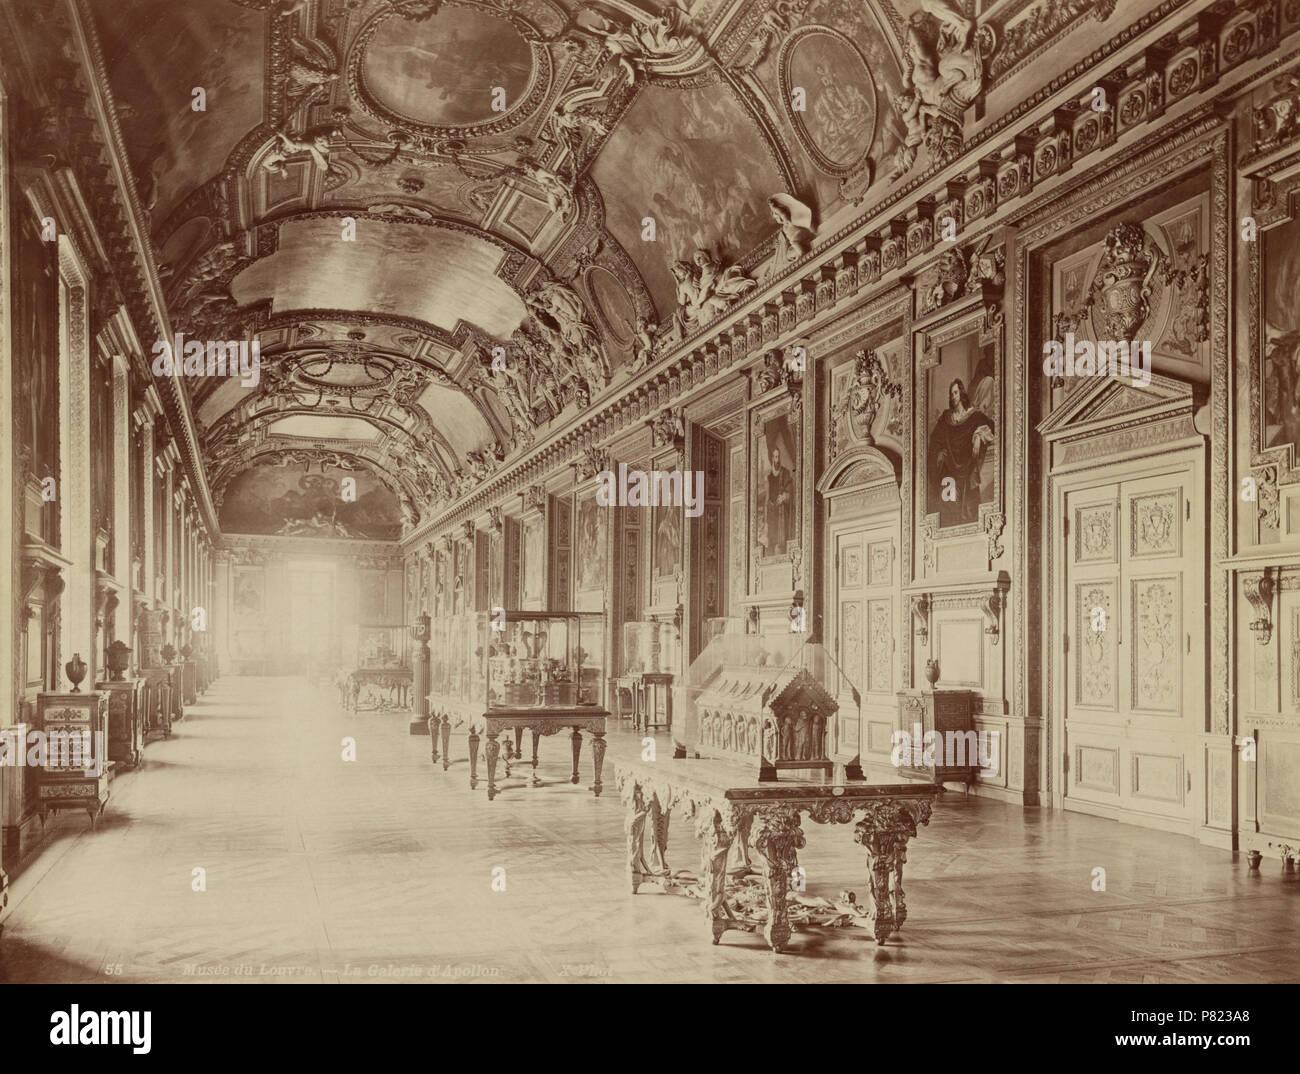 280 Musée du Louvre - La Galerie d'Apollon - Stock Image